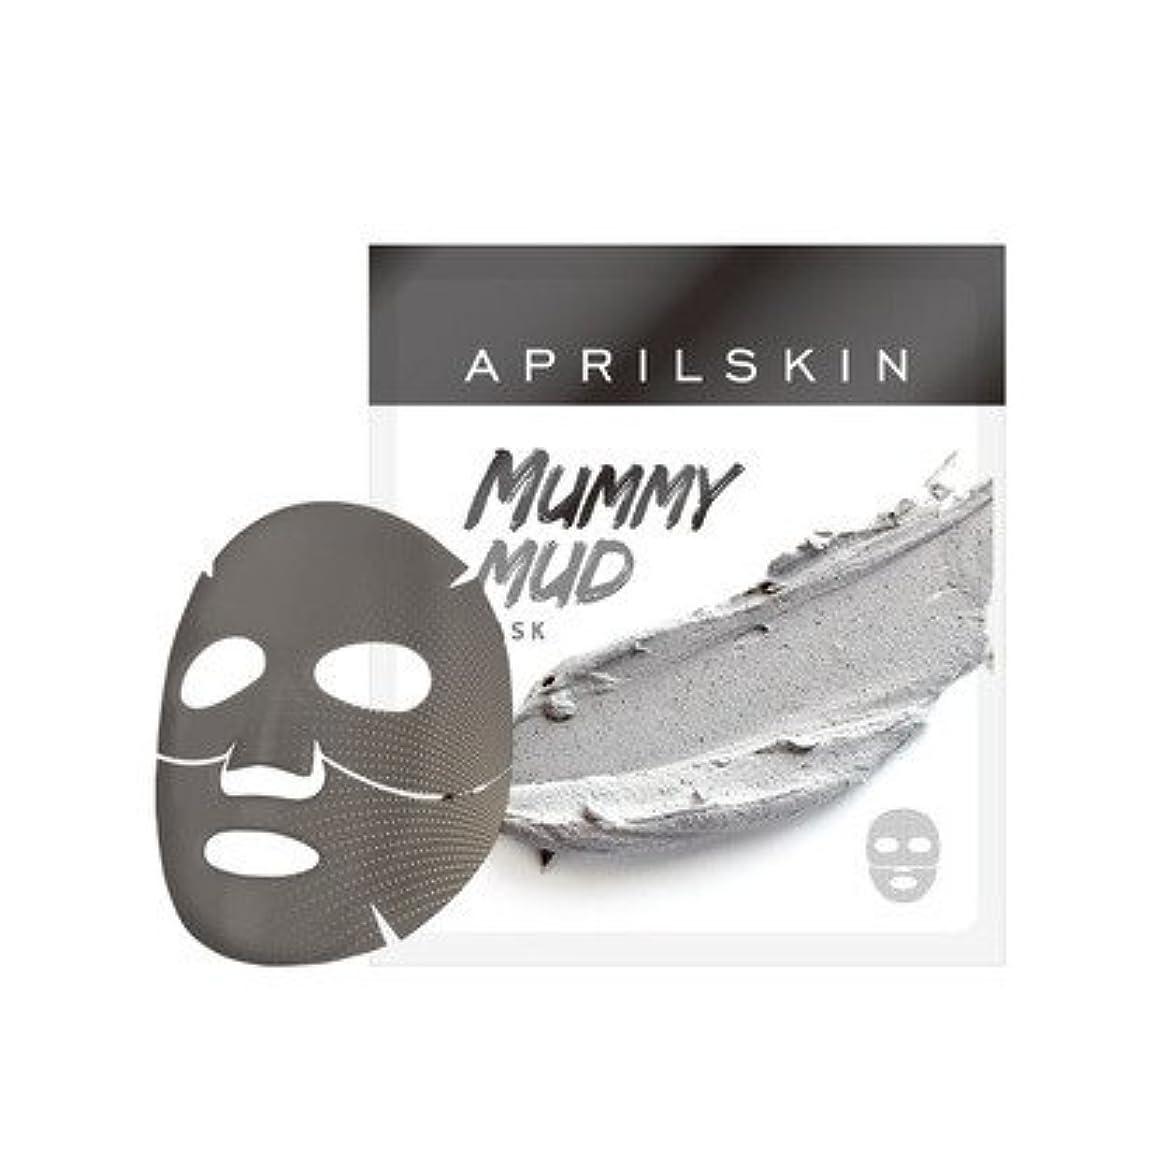 干し草デンマーク語意図APRILSKIN MUMMY MUD MASK/エイプリルスキン ミイラ泥マスク 1枚 [並行輸入品]